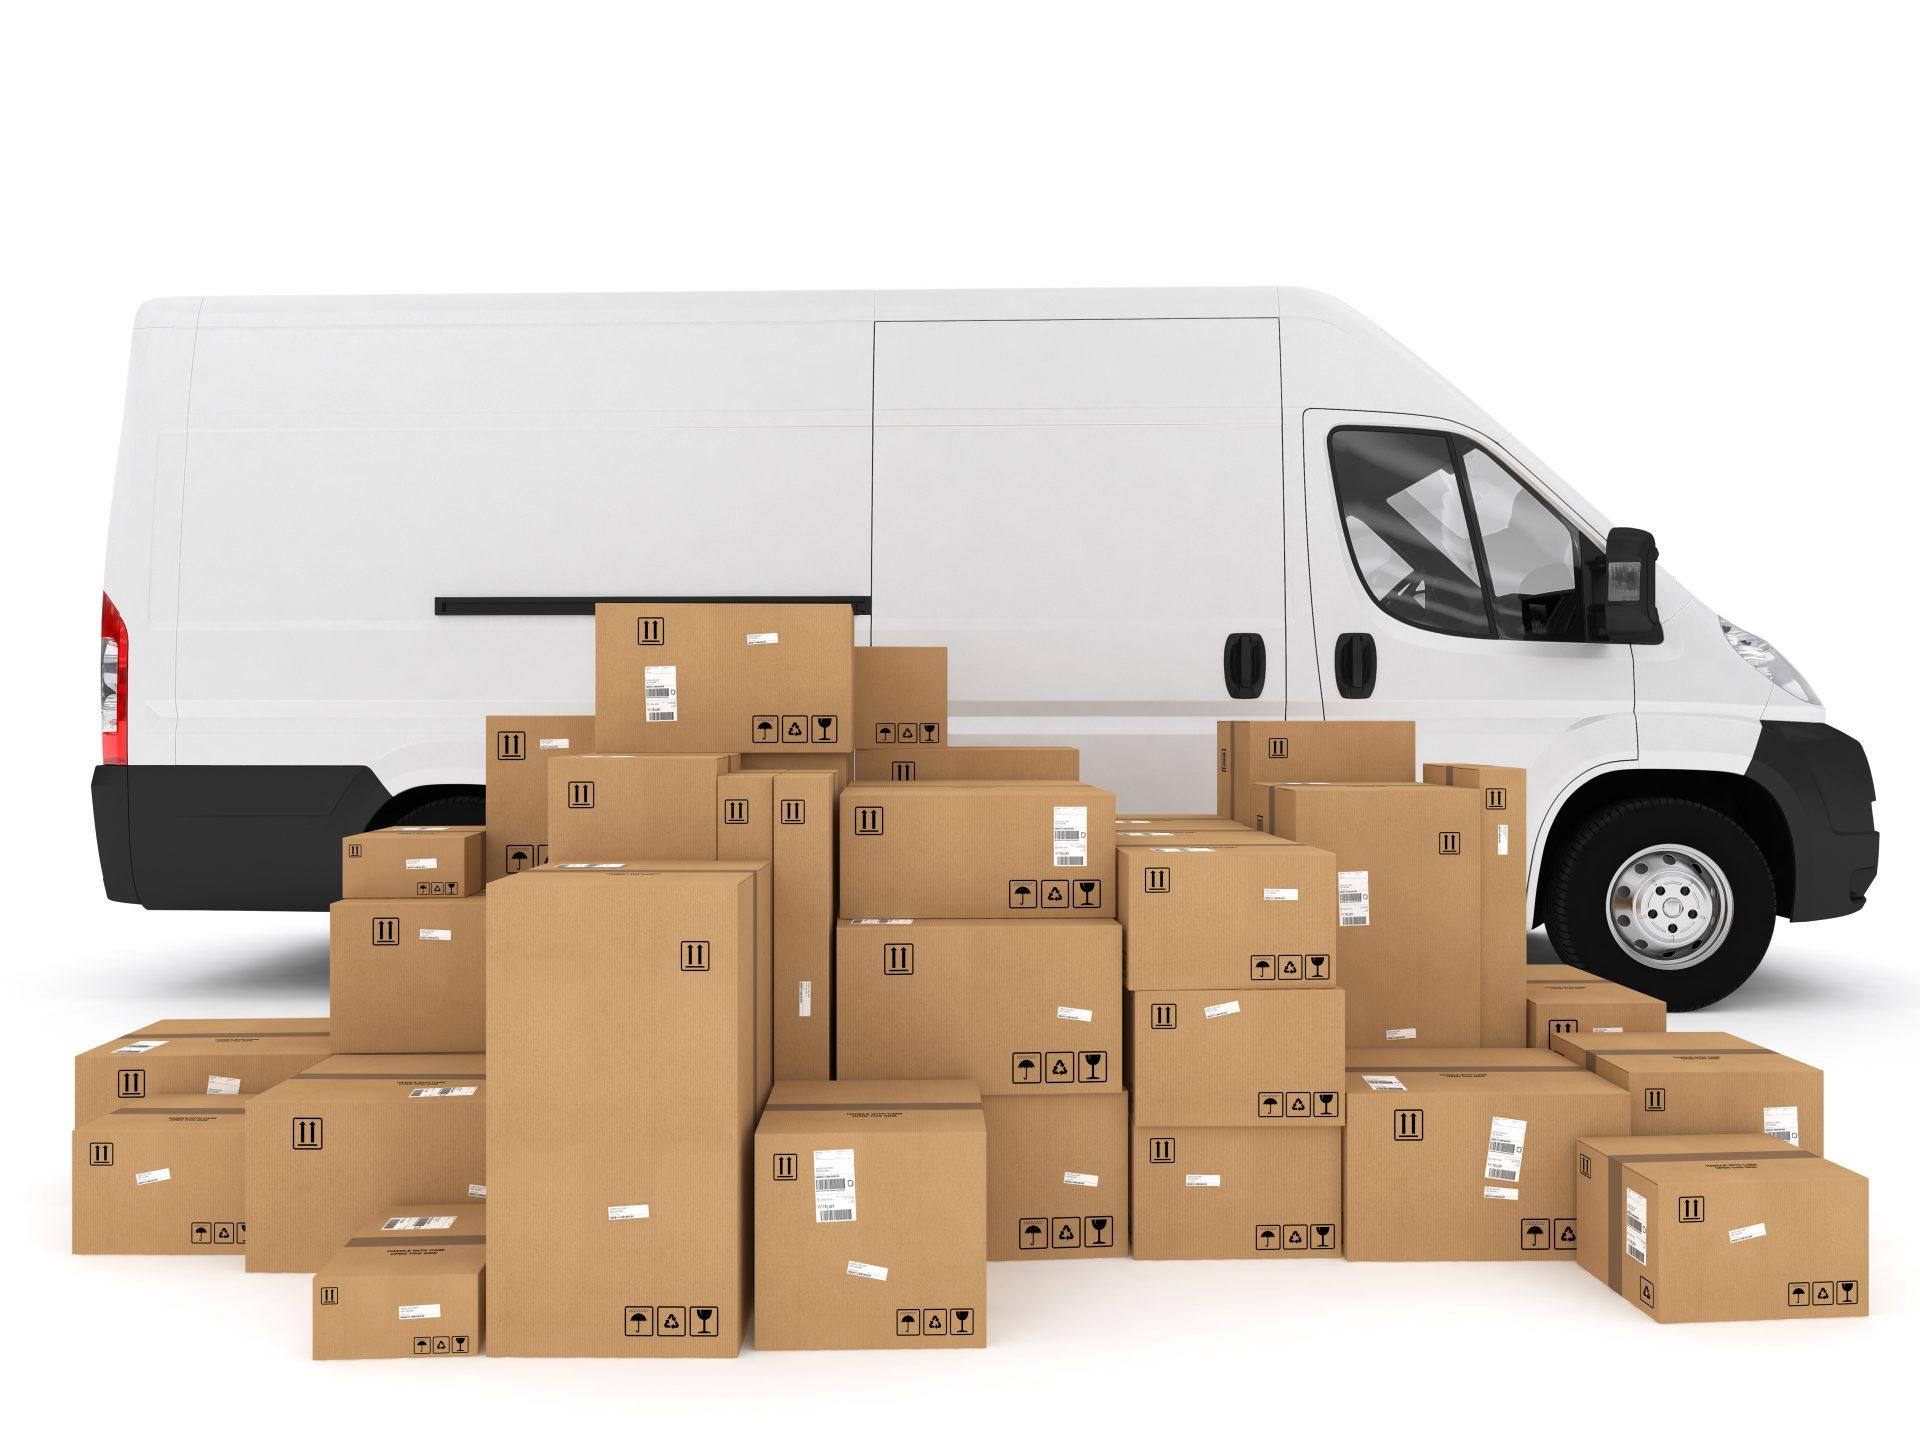 Déménagement : qui y-a-t-il d'essentiel à connaître lors d'un déménagement ?